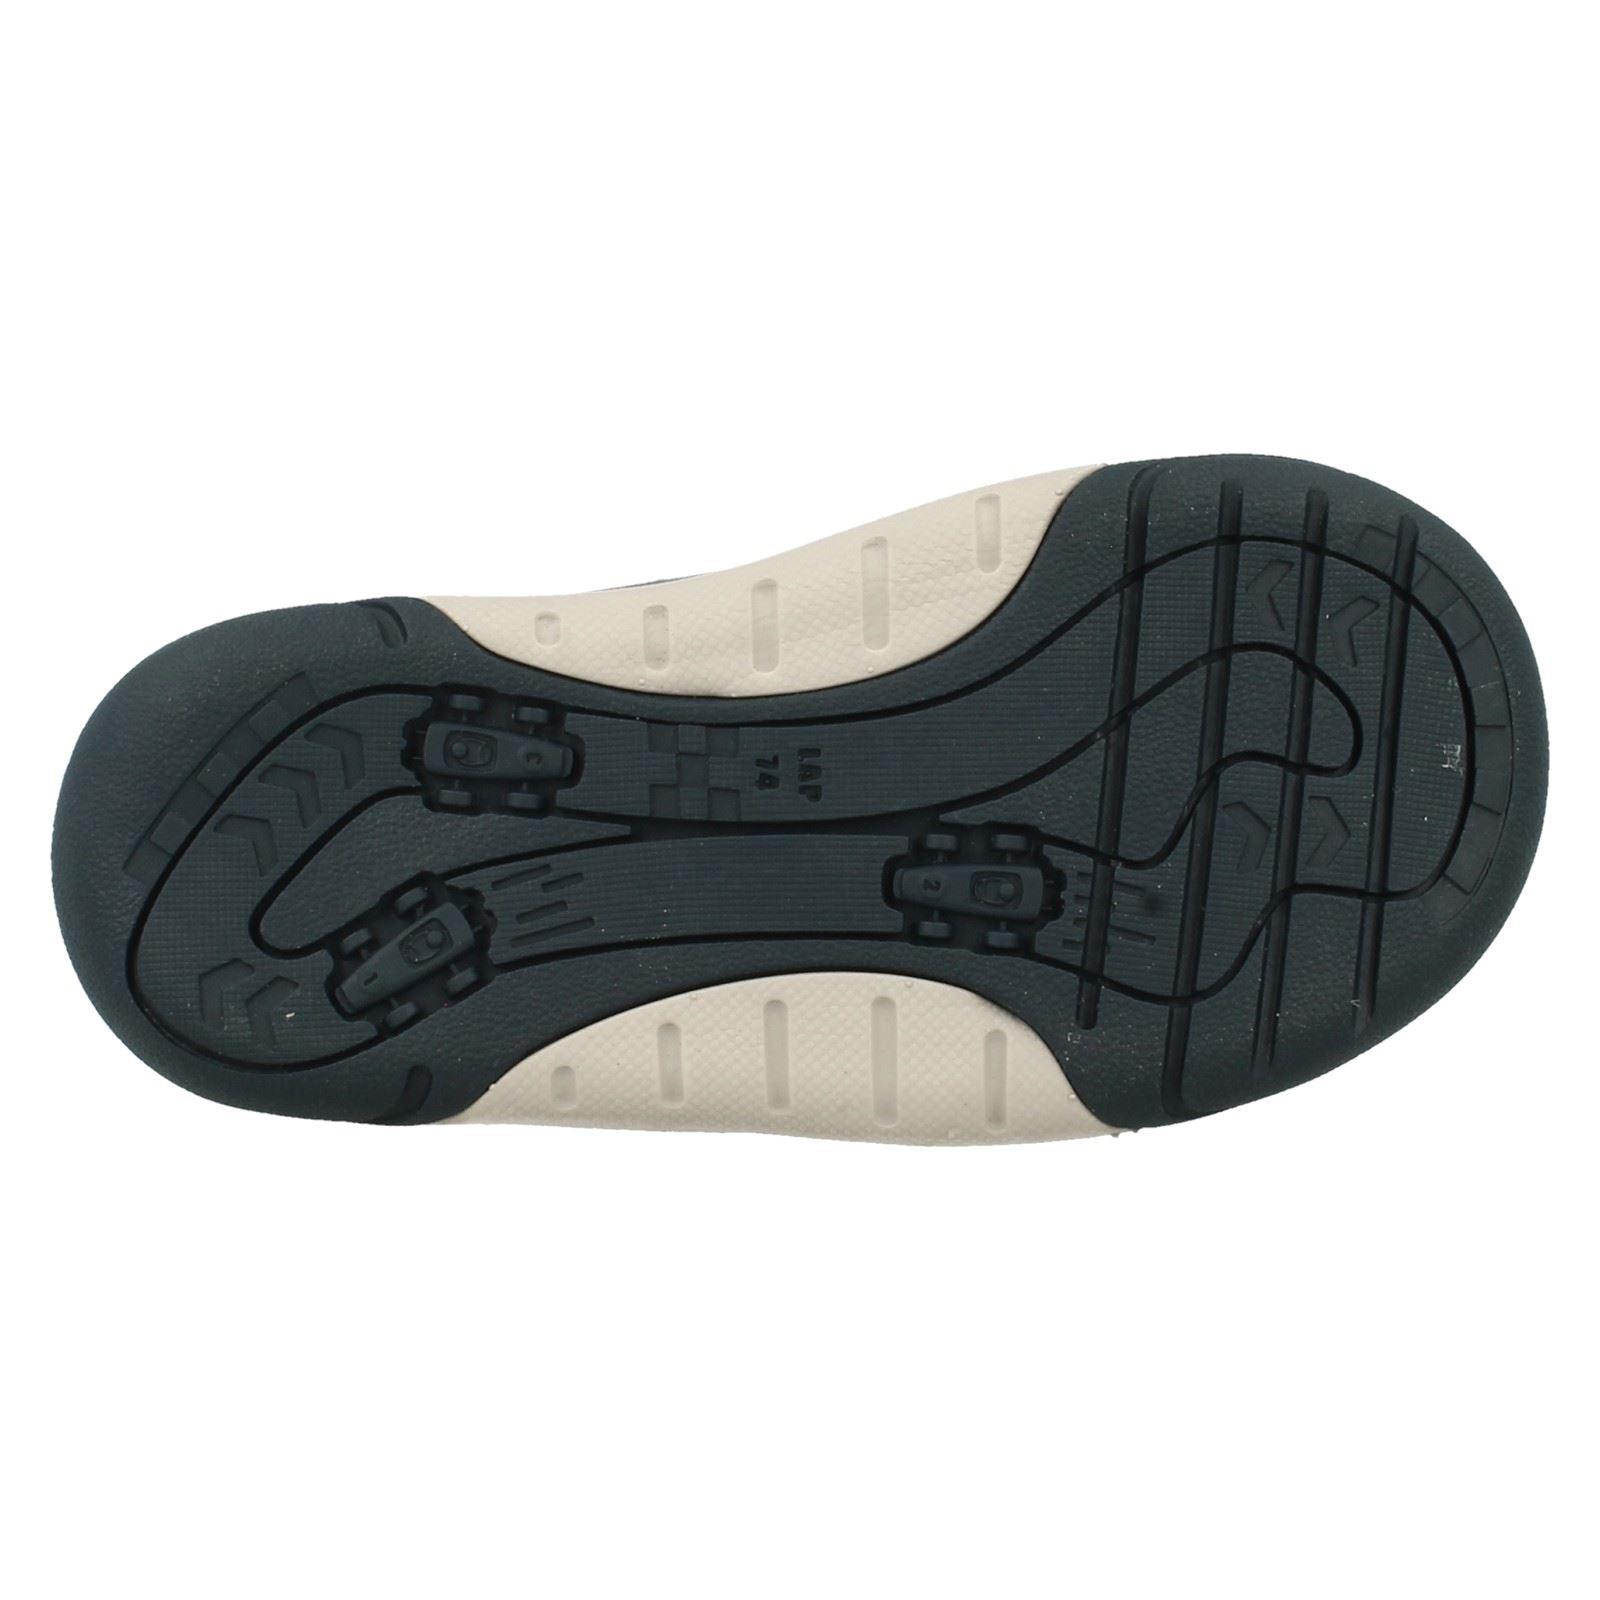 Chicos Zapatos Clarks Estilo-lilfolkcub